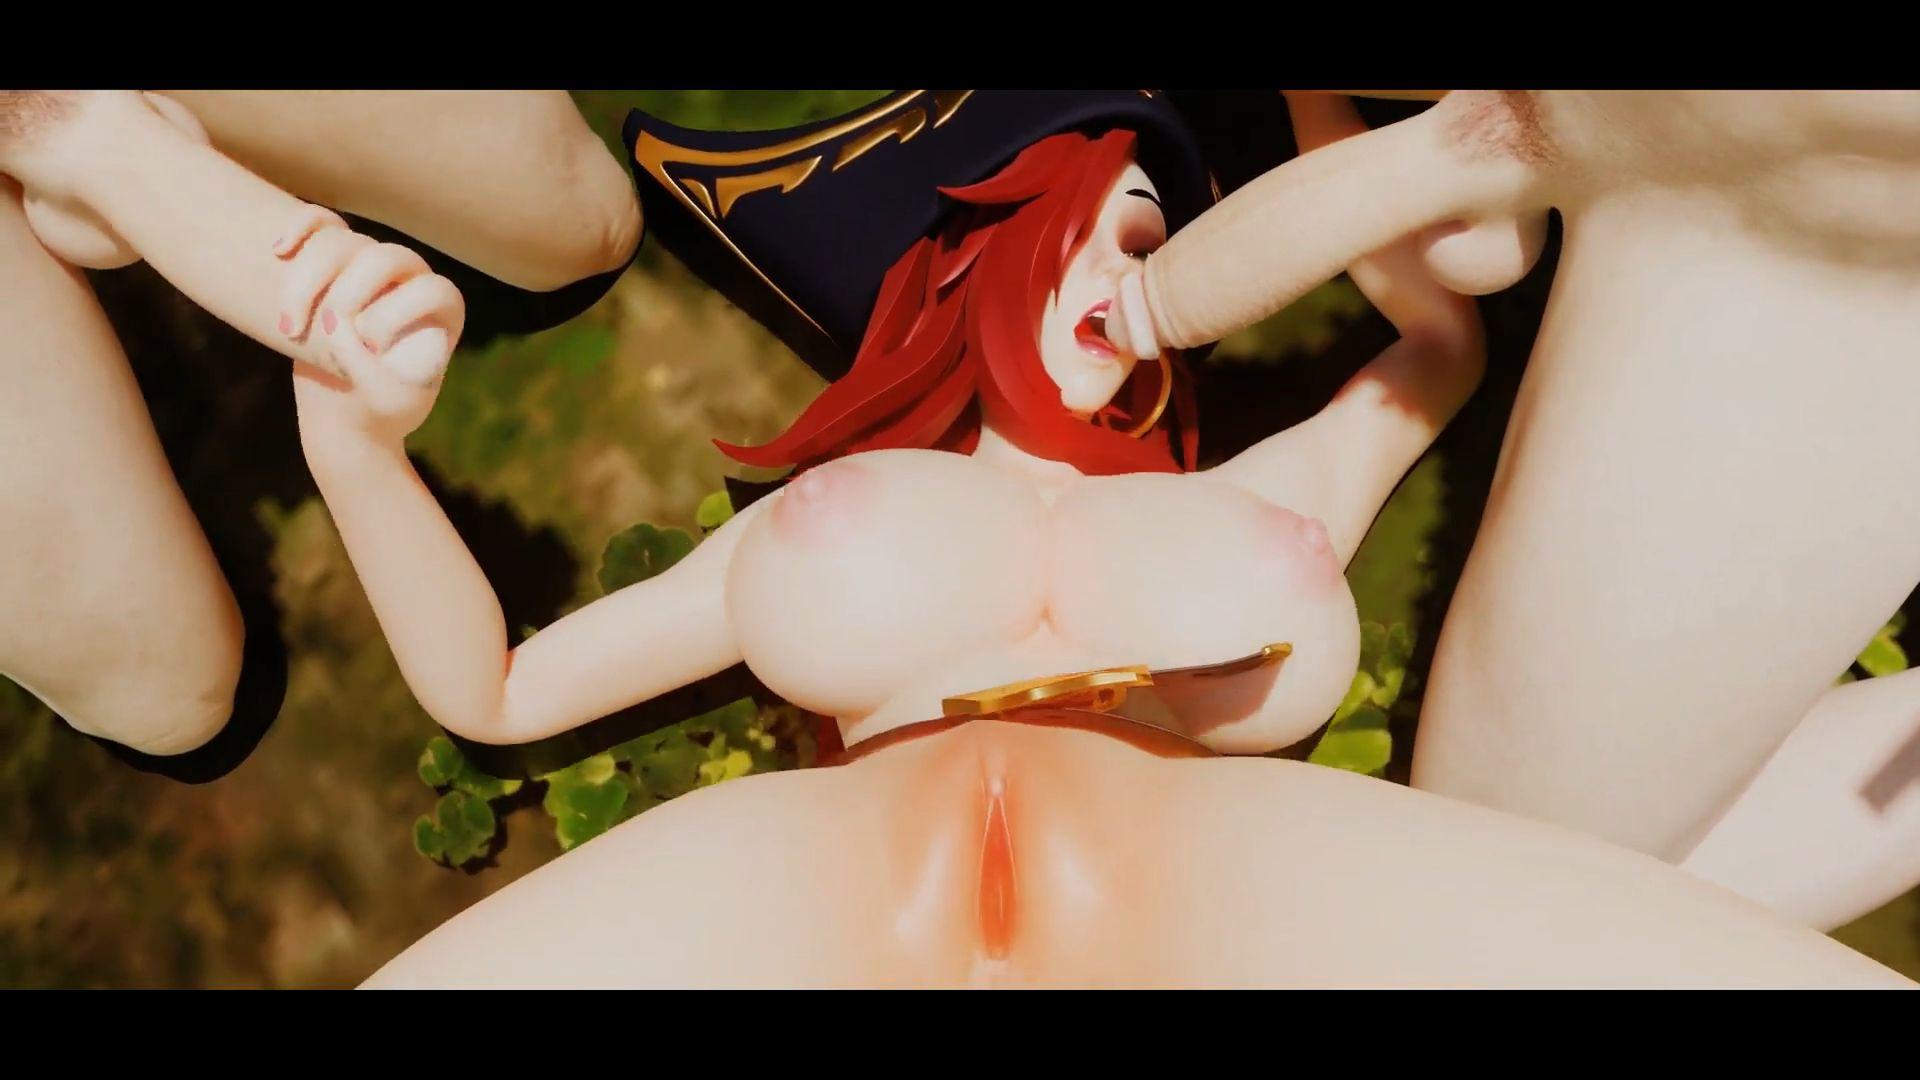 Miss Fortune Banged Hentai